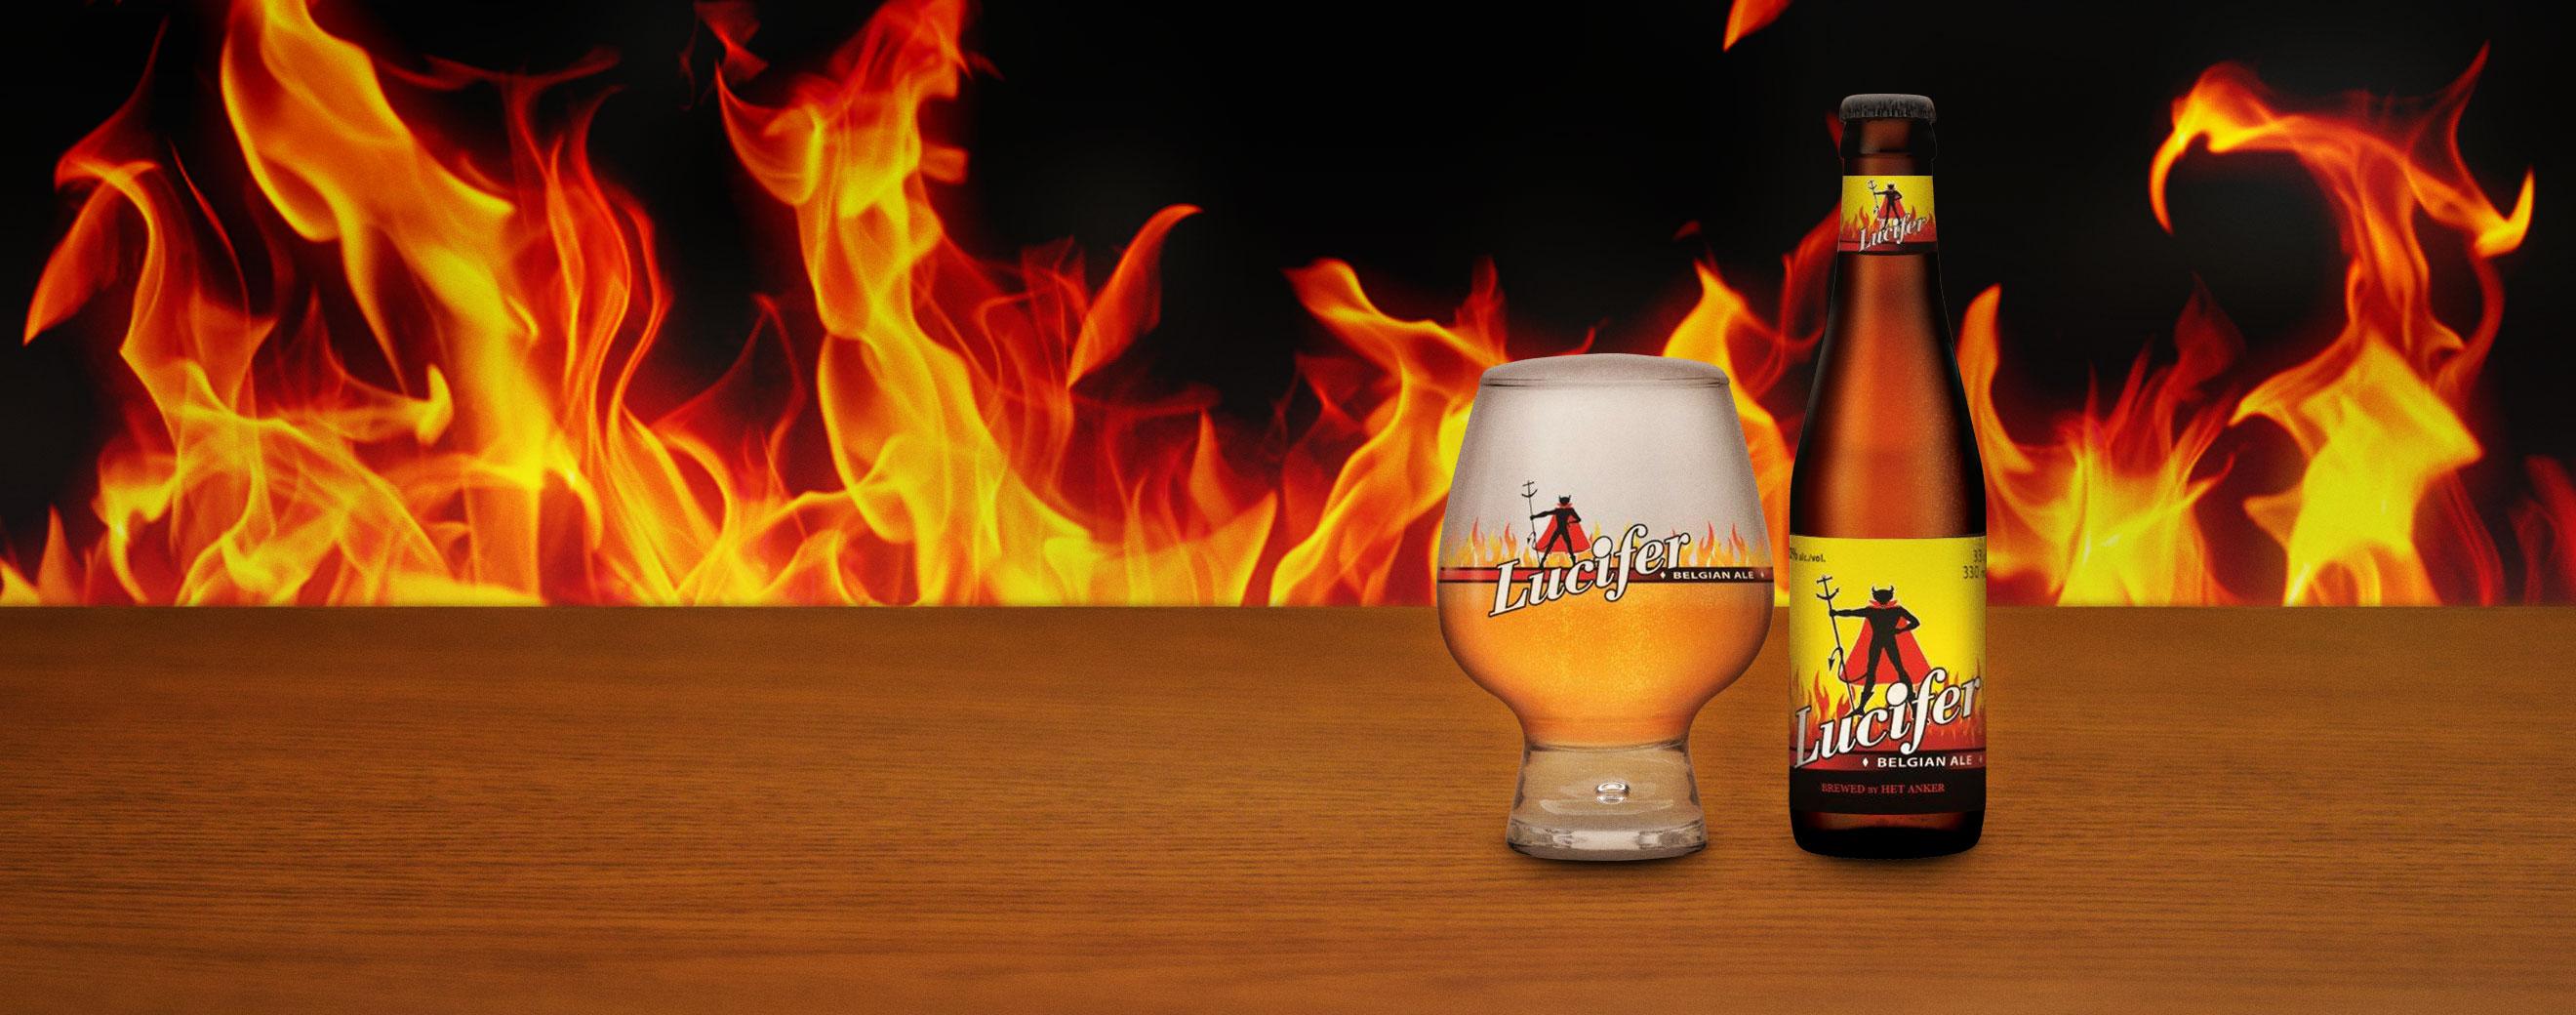 Lucifer bier met glas